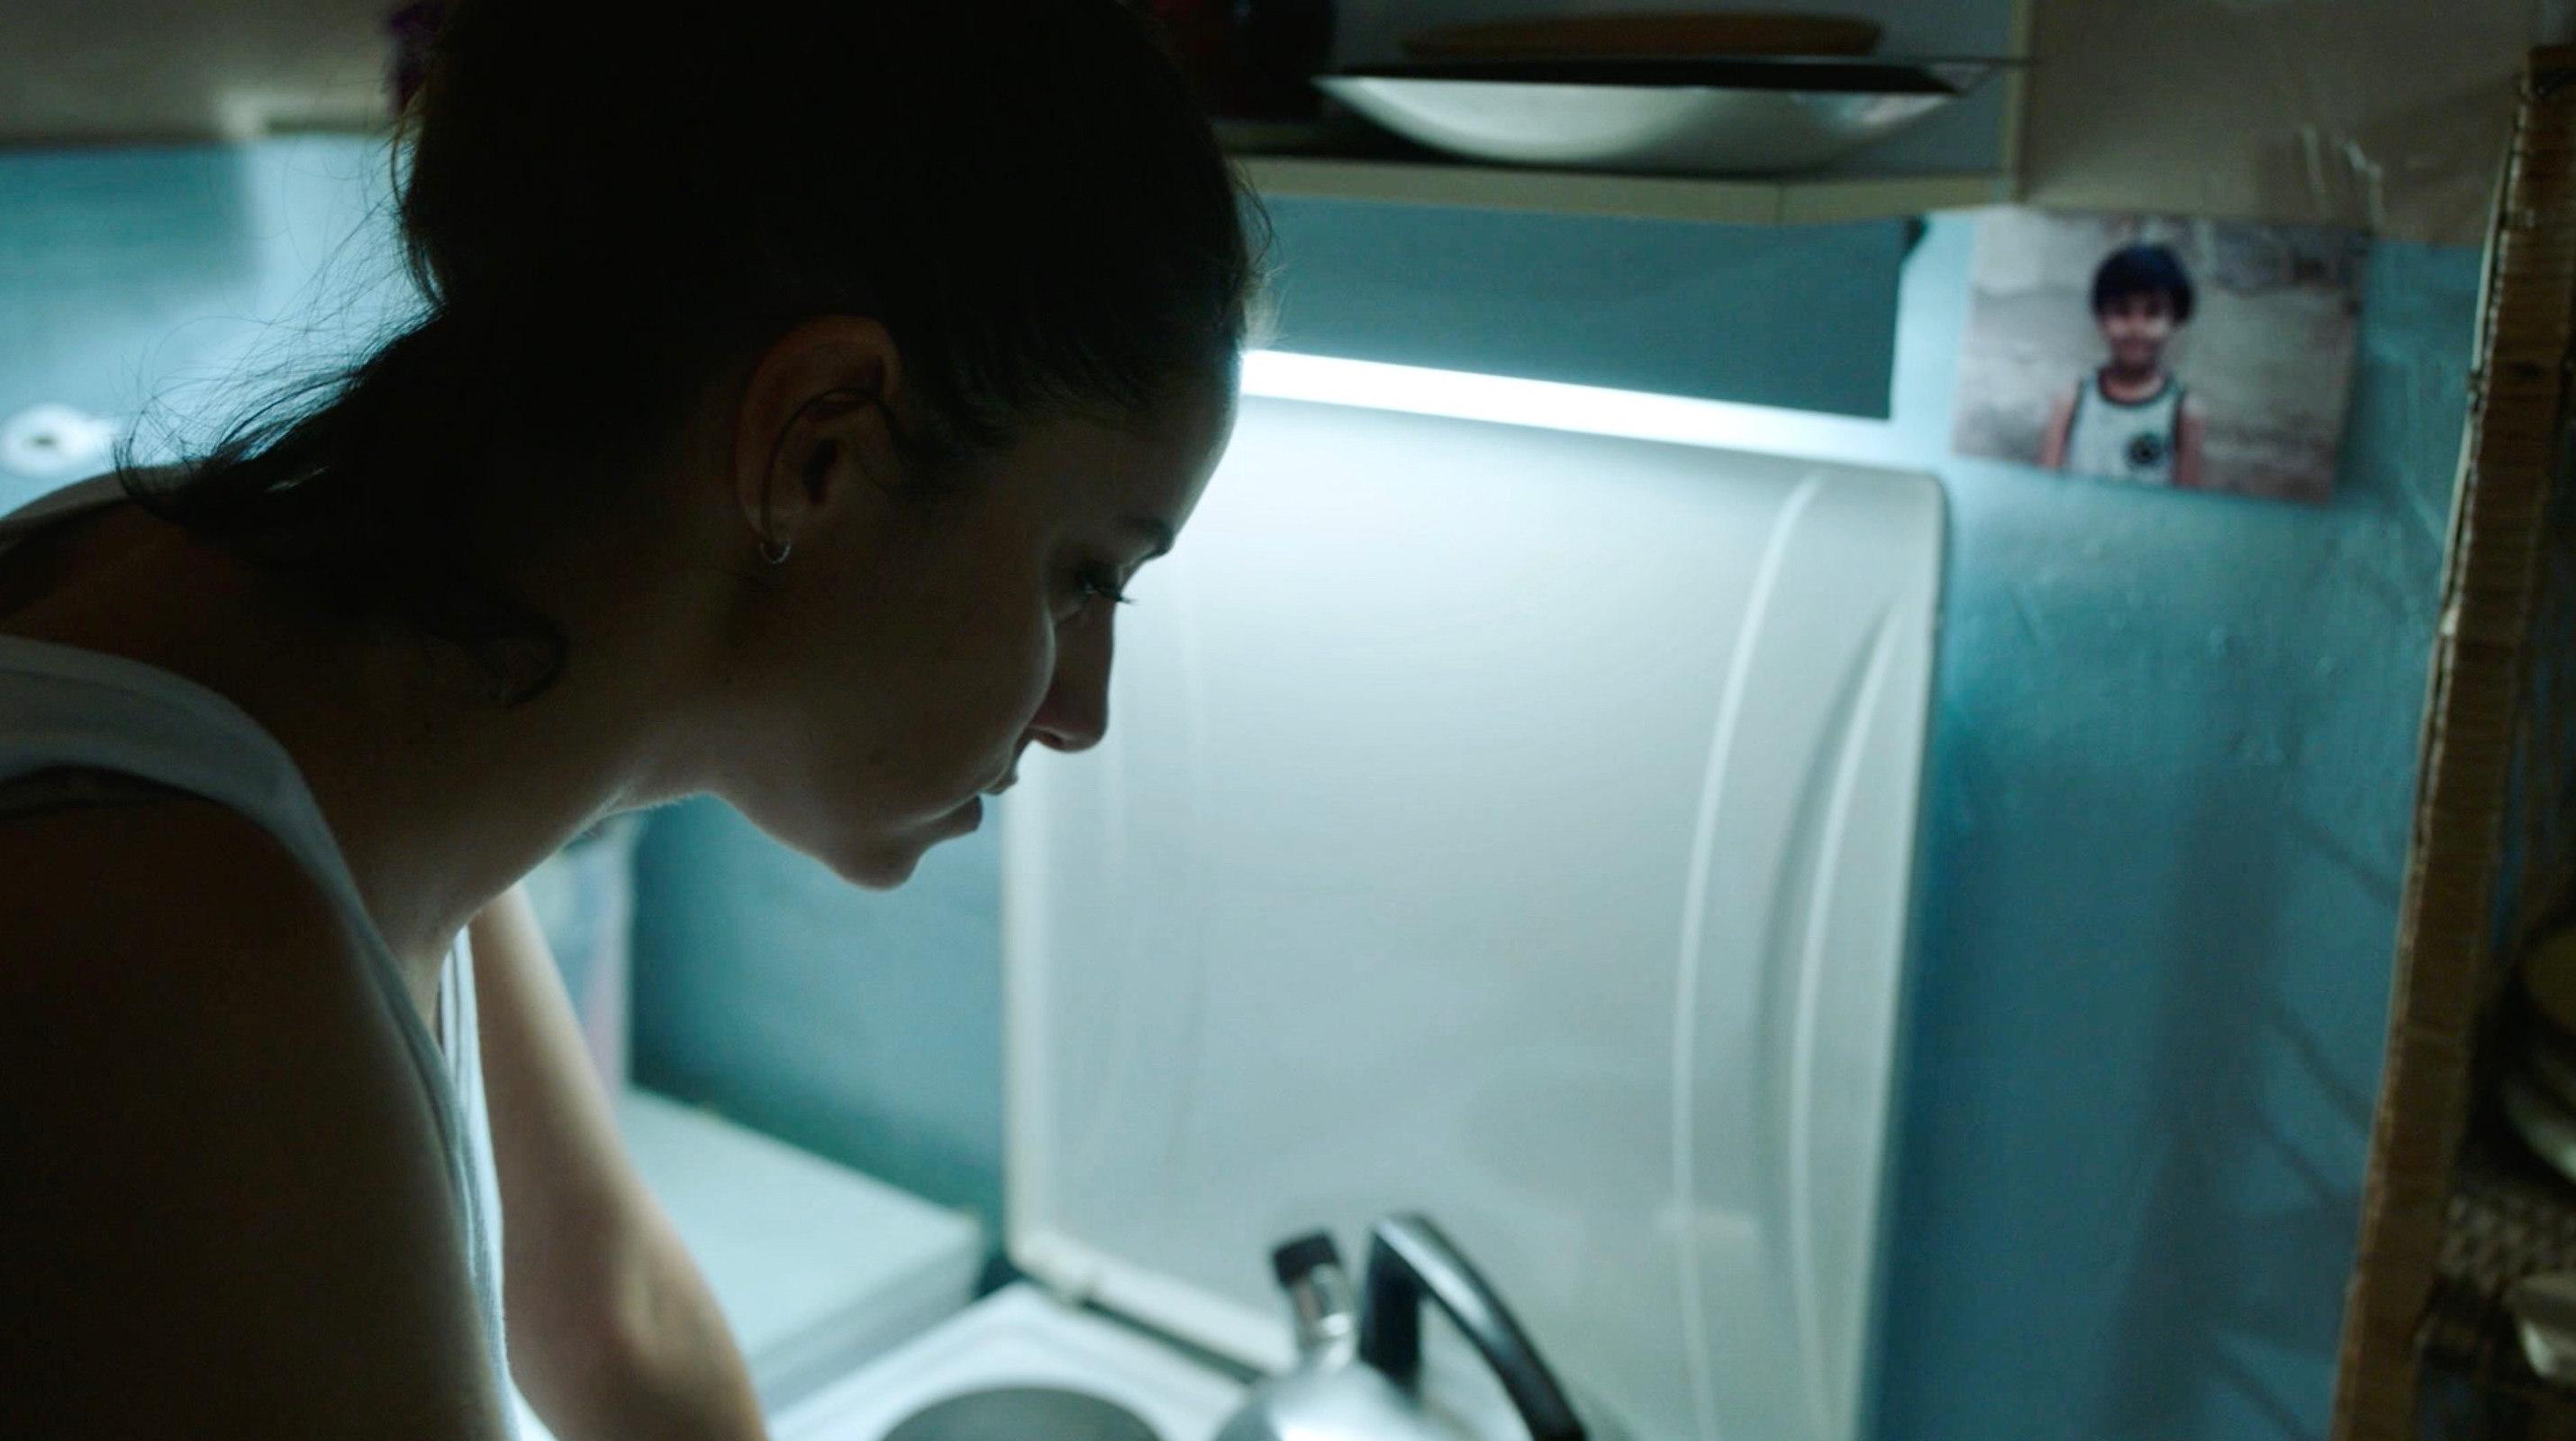 Nur eine Frau - A Regular Women - Aynur, gespielt von Almila Bagriacik - Regie Sherry Hormann - Kamera Judith Kaufmann